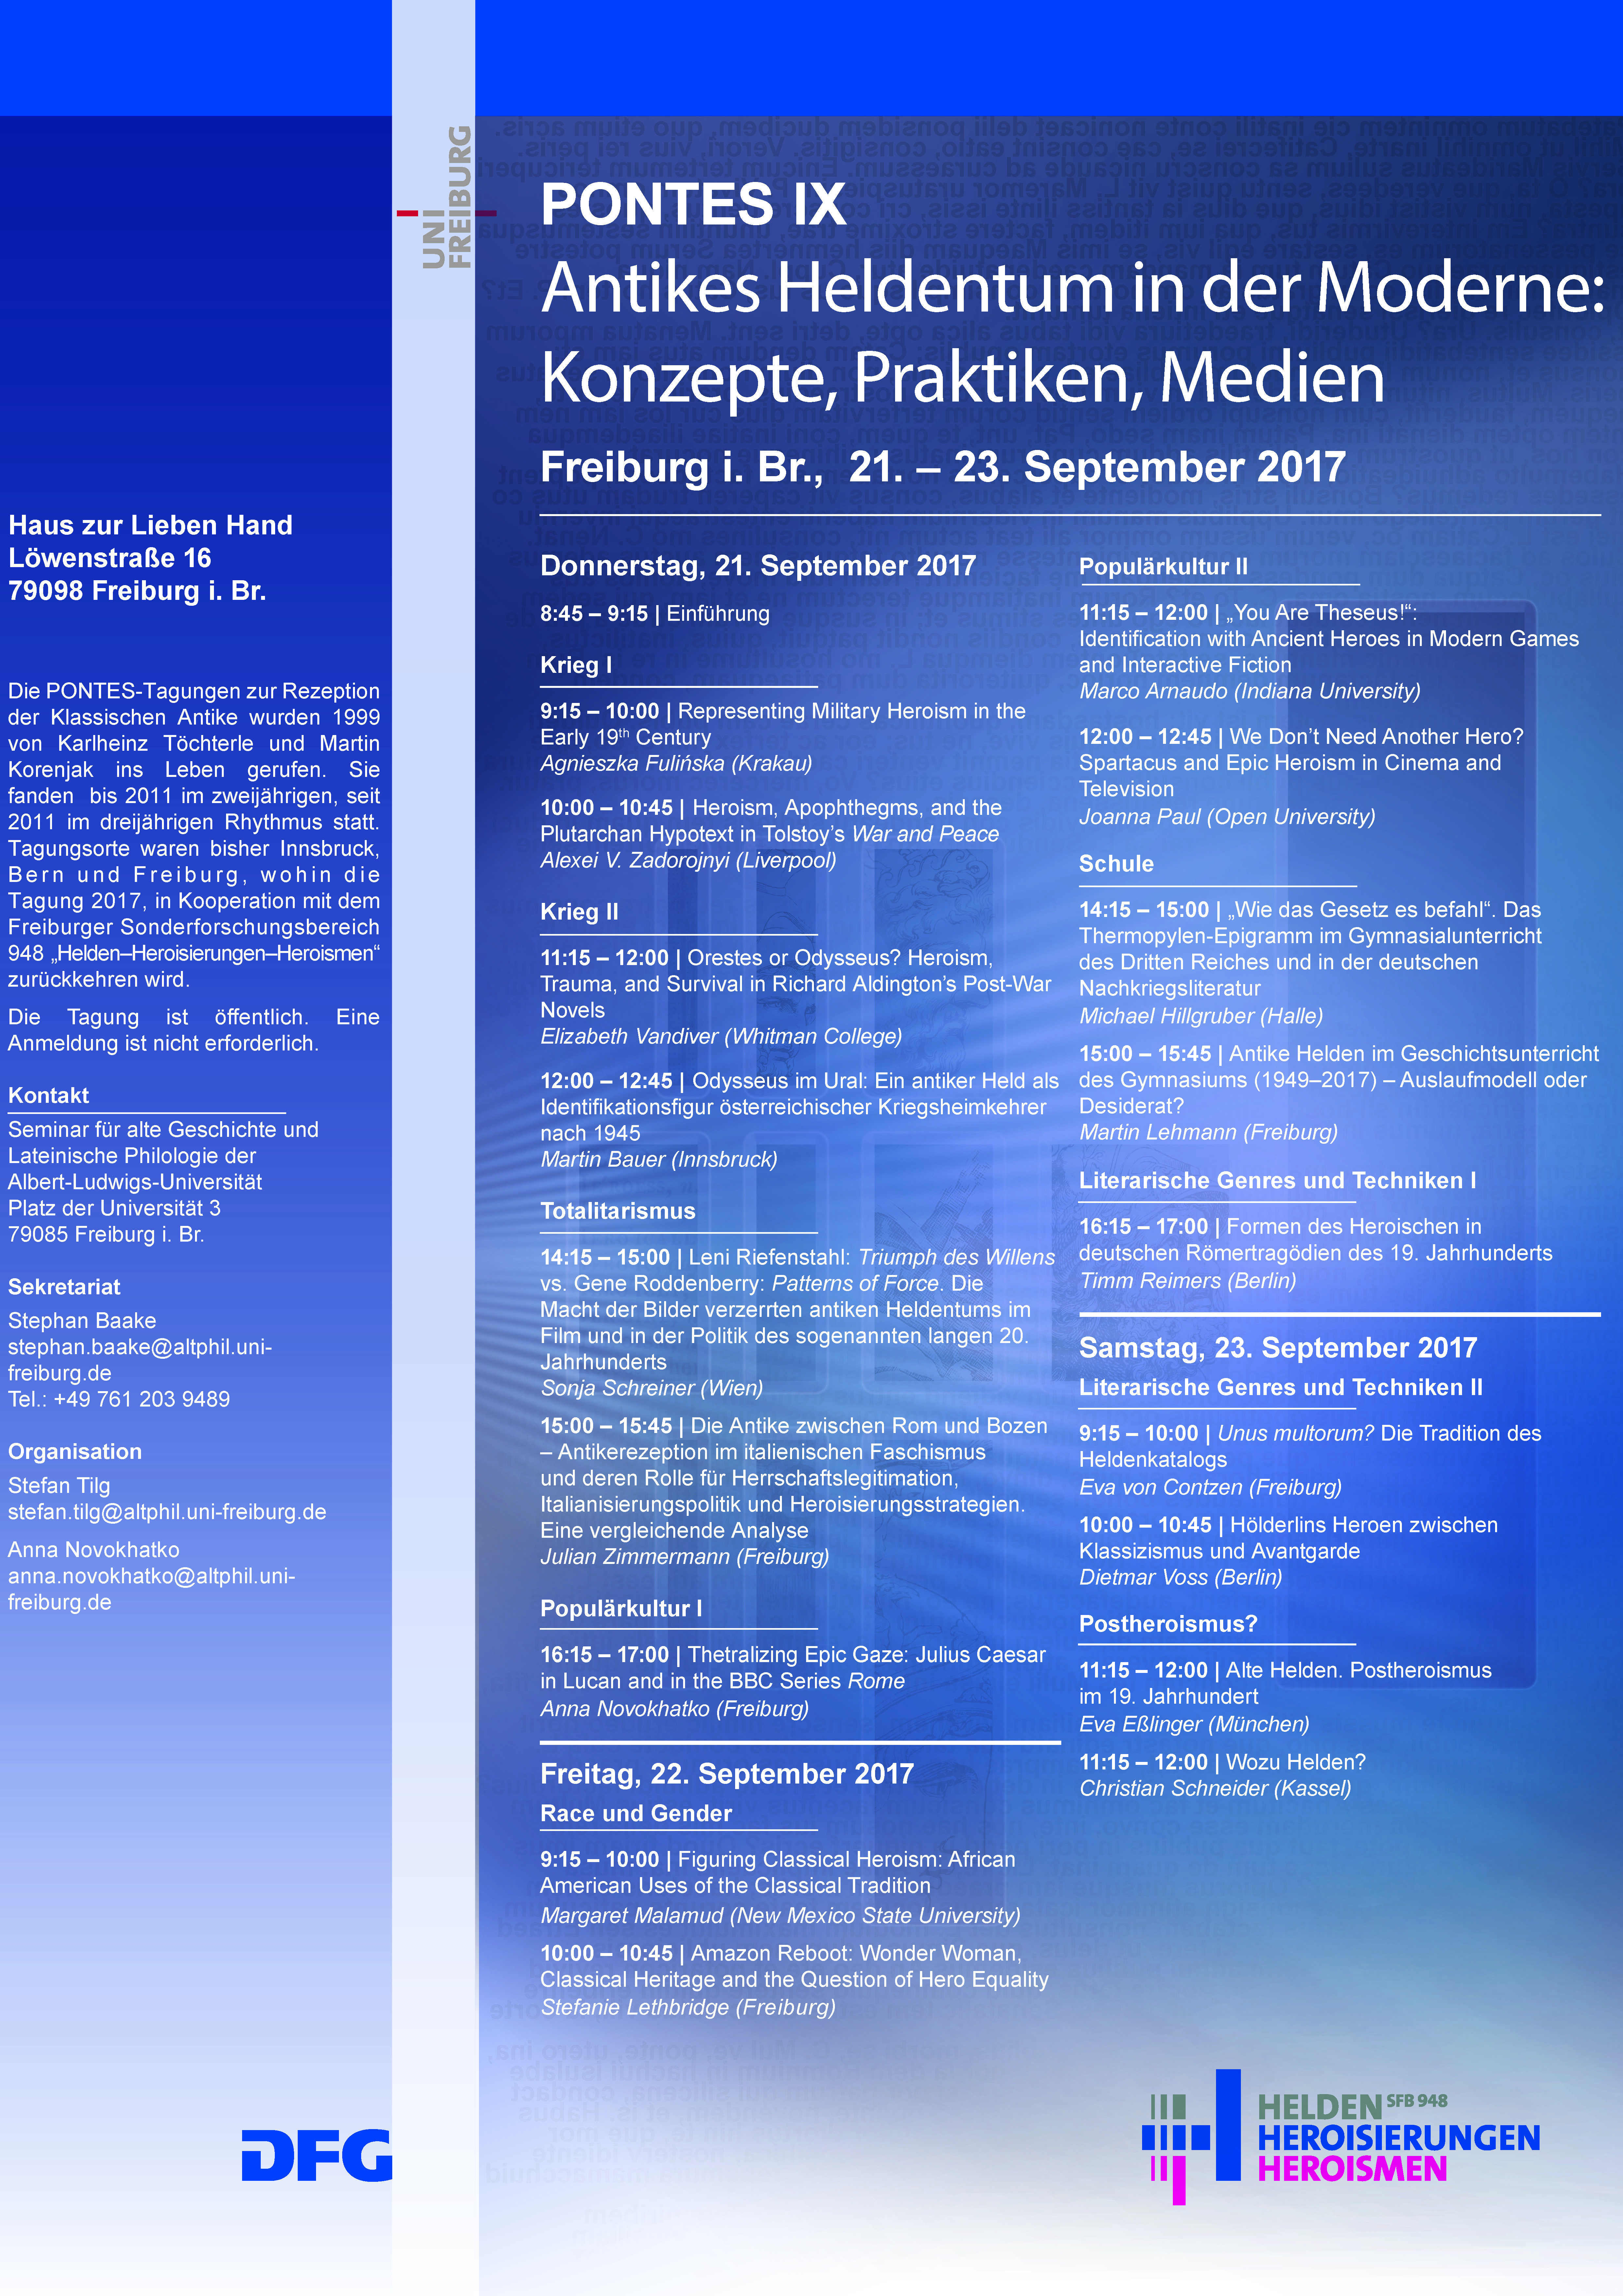 """PONTES IX """"Antikes Heldentum in der Moderne: Konzepte, Praktiken, Medien"""""""